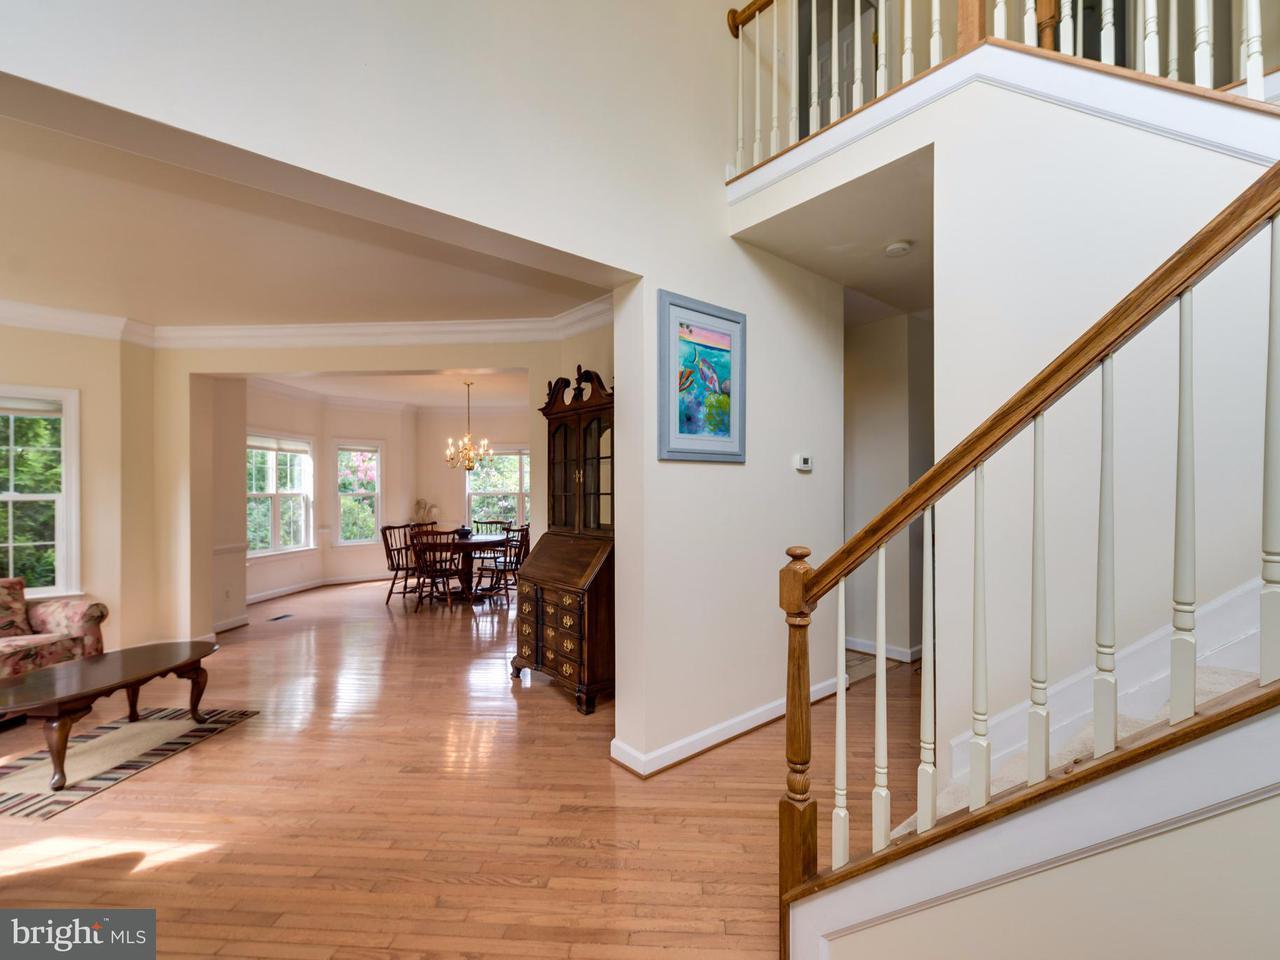 Частный односемейный дом для того Продажа на 14028 BRIARWICK Street 14028 BRIARWICK Street Germantown, Мэриленд 20874 Соединенные Штаты